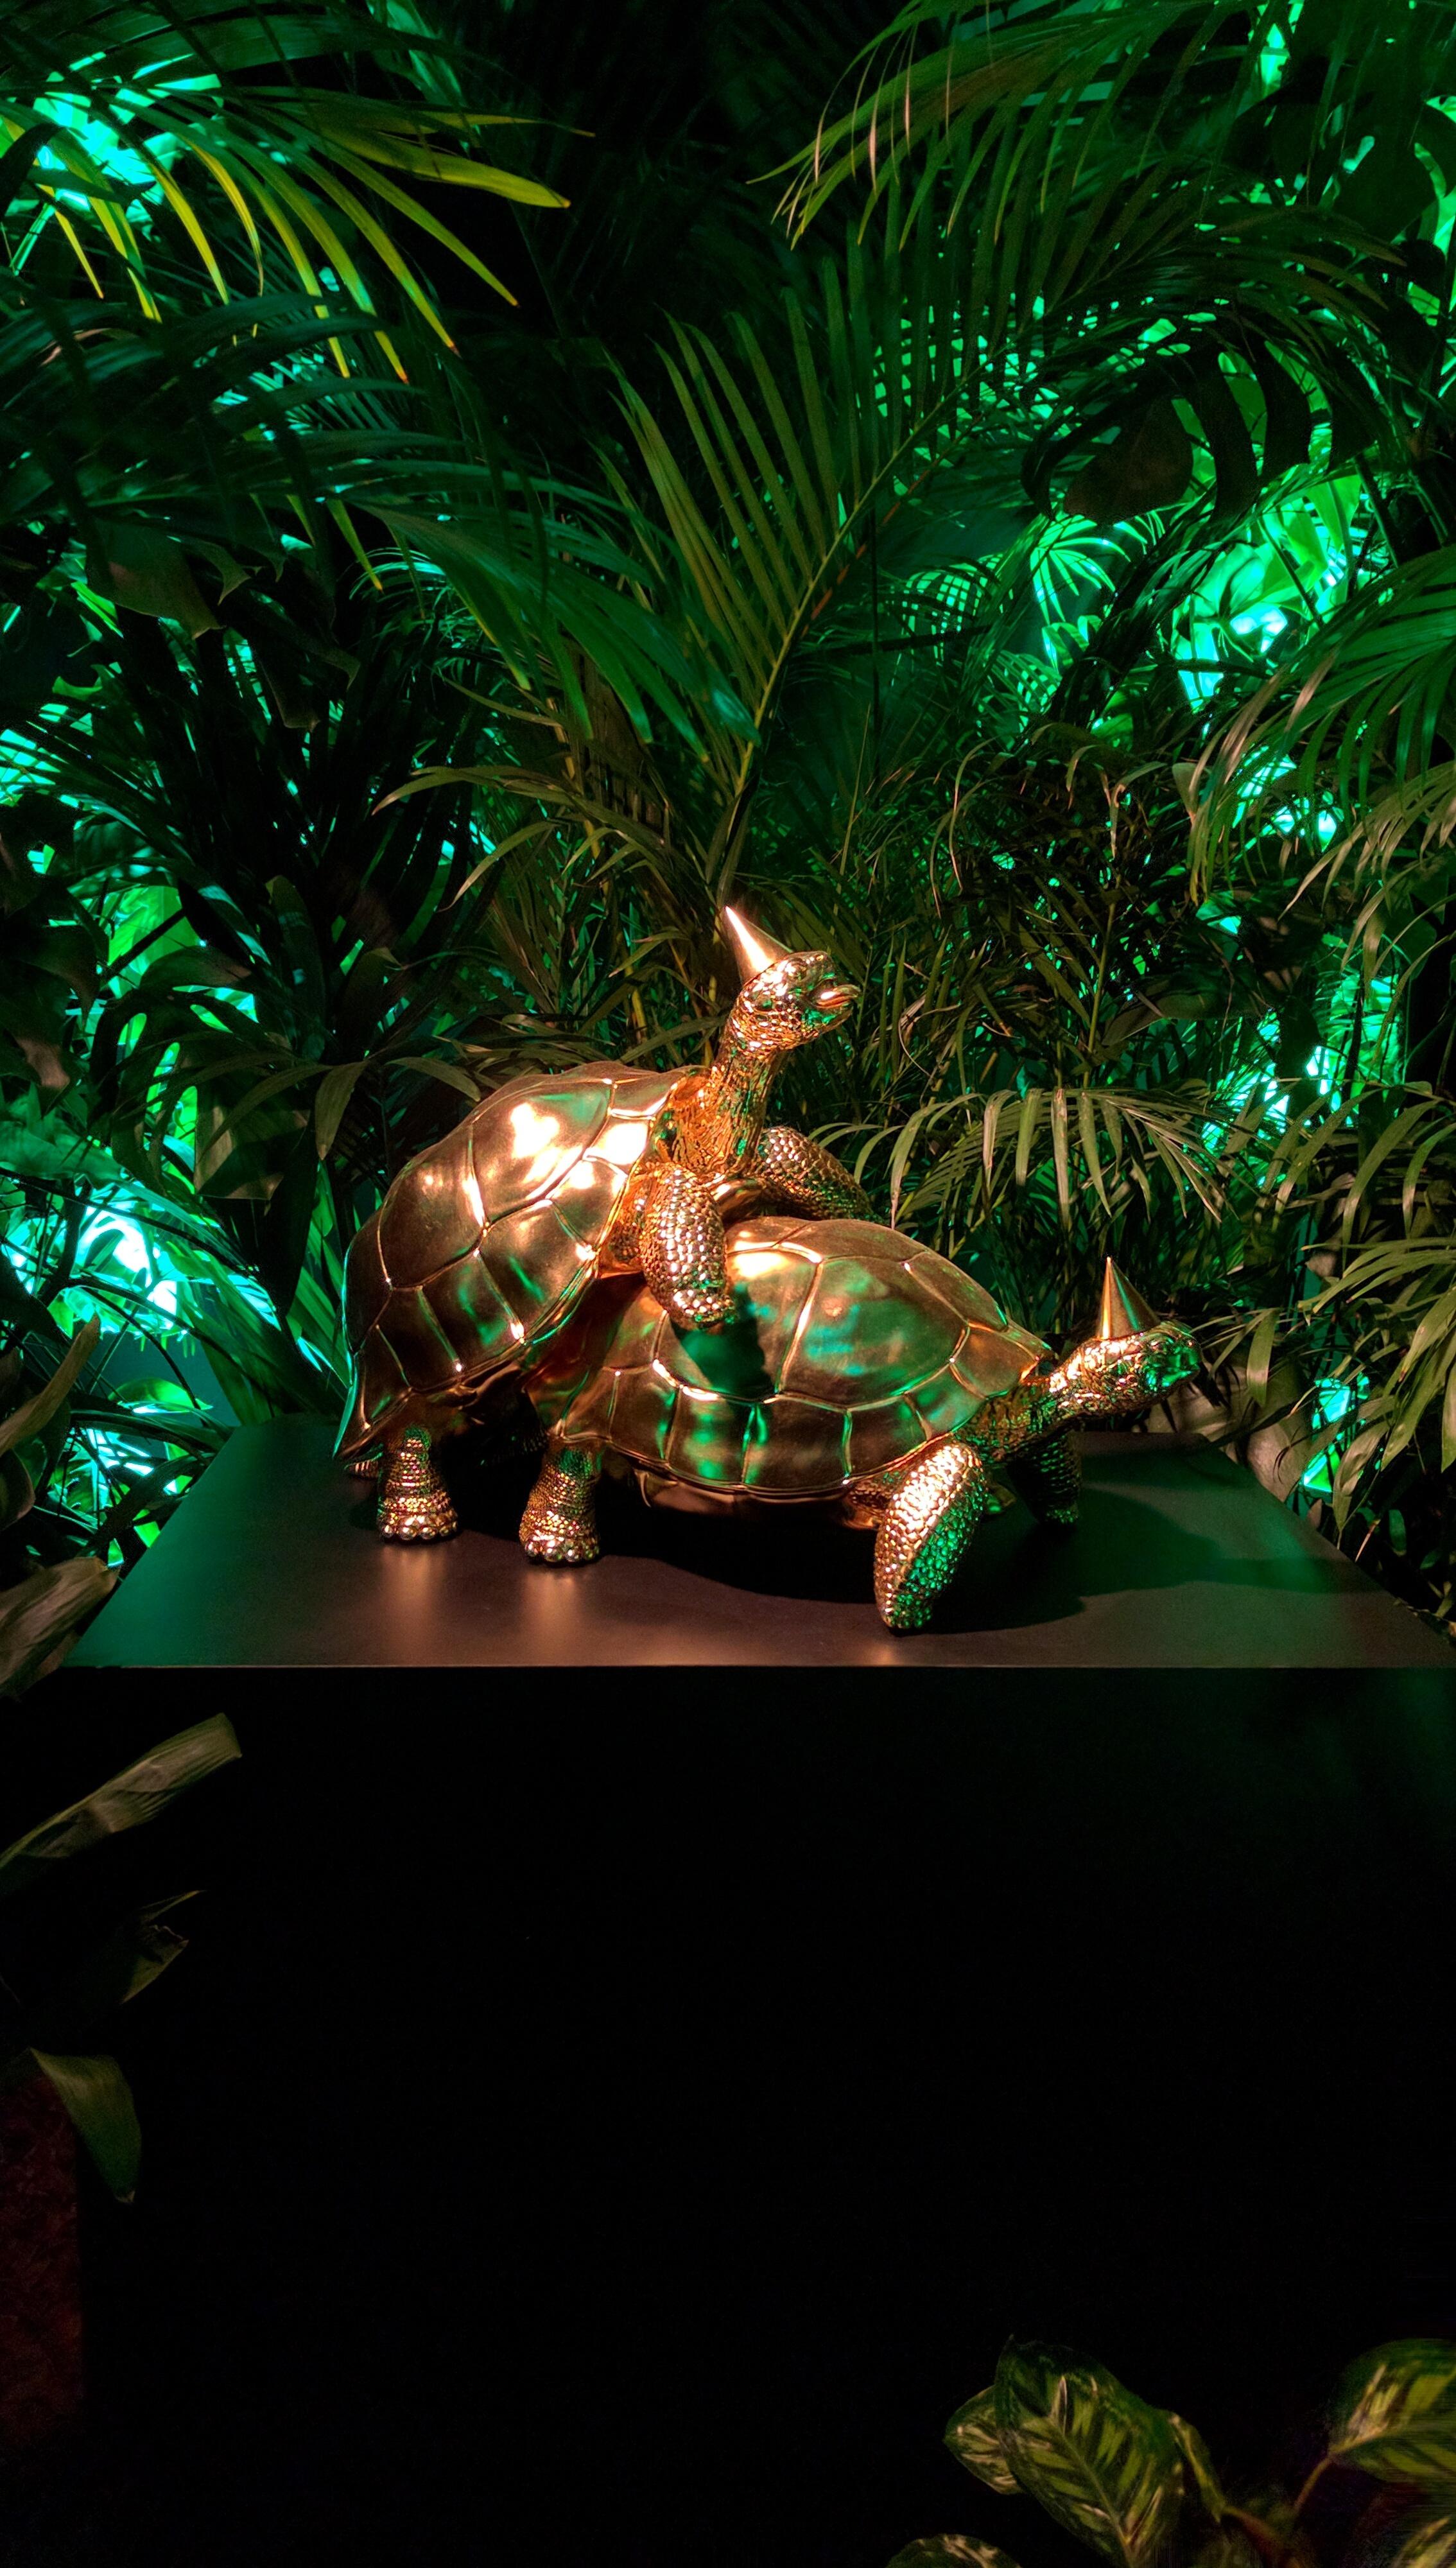 golden-party-turtles.jpg